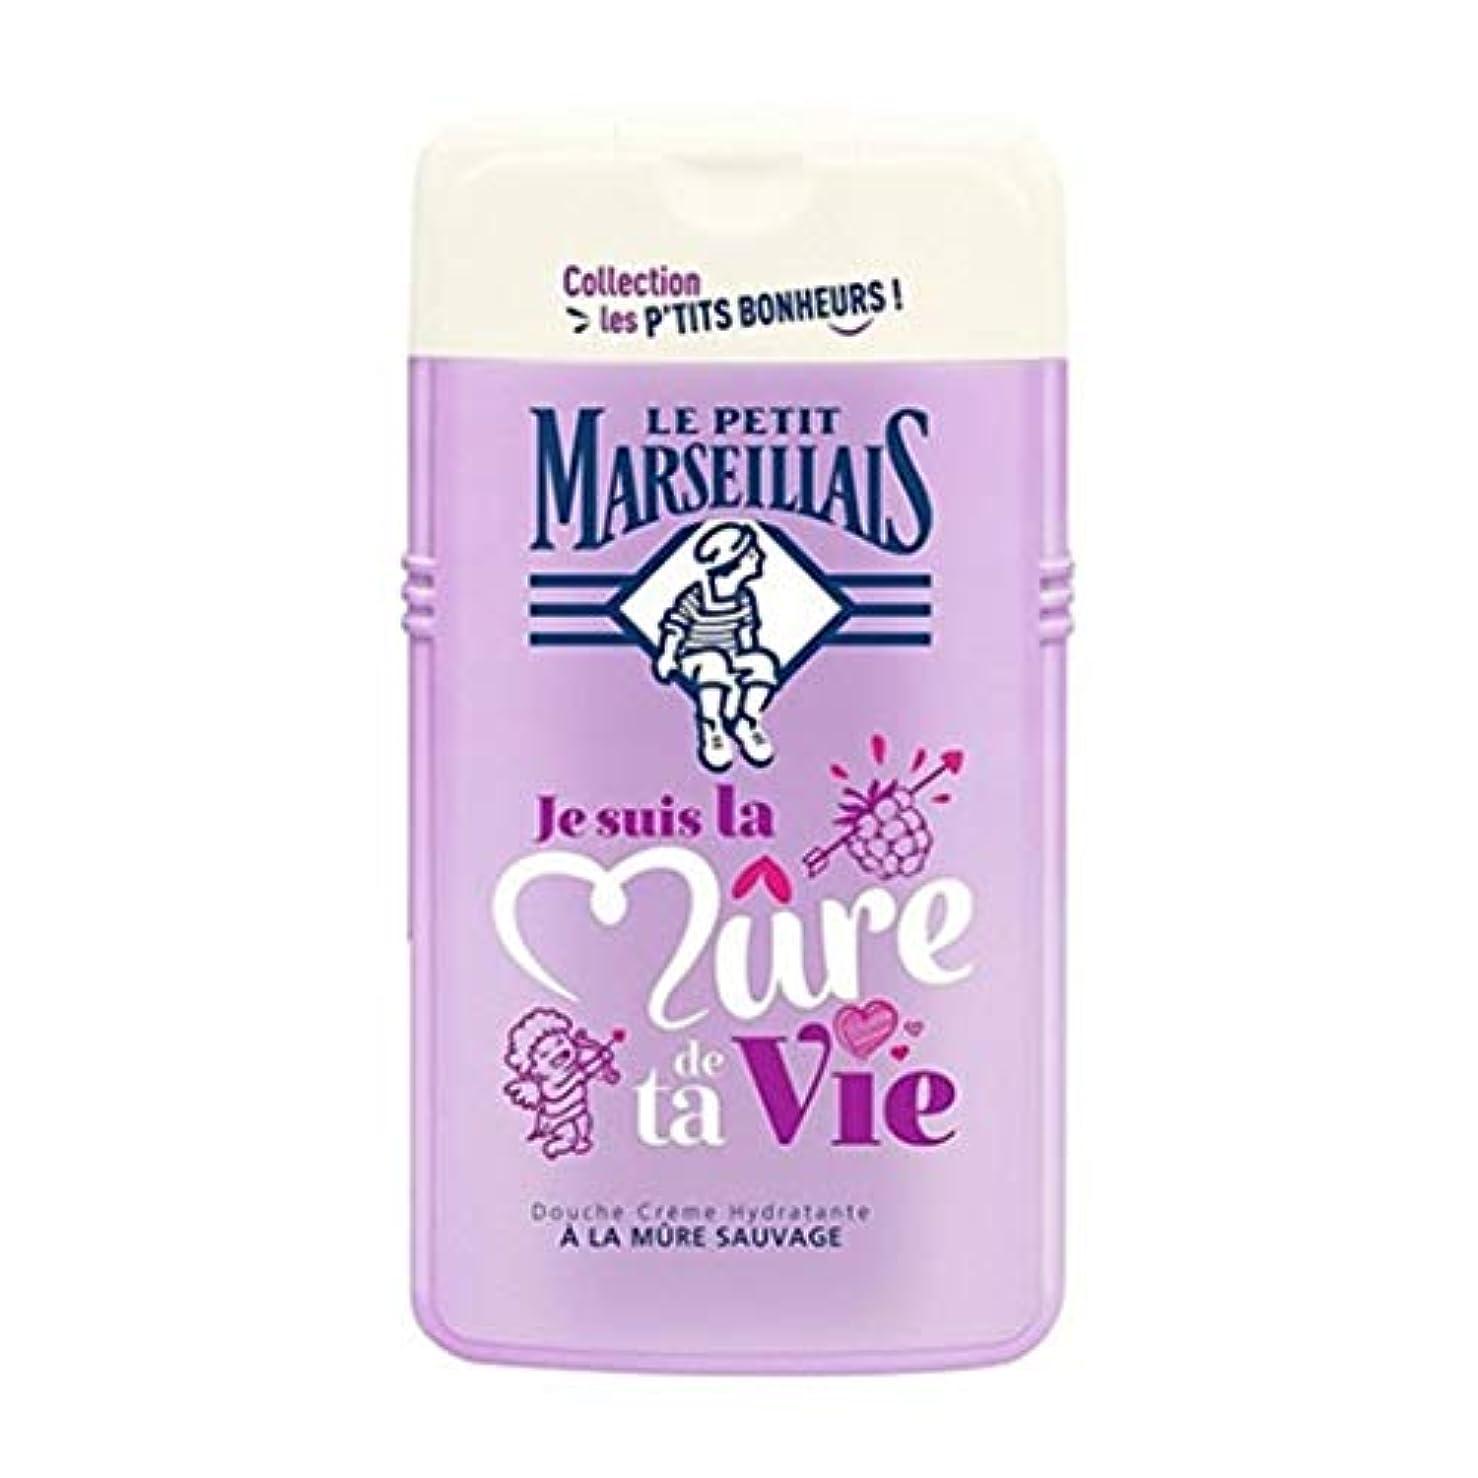 ロッド突然の信頼性「ブラックベリー」シャワークリーム ???? フランスの「ル?プティ?マルセイユ (Le Petit Marseillais)」 les P'TITS BONHEURS 250ml ボディウォッシュ